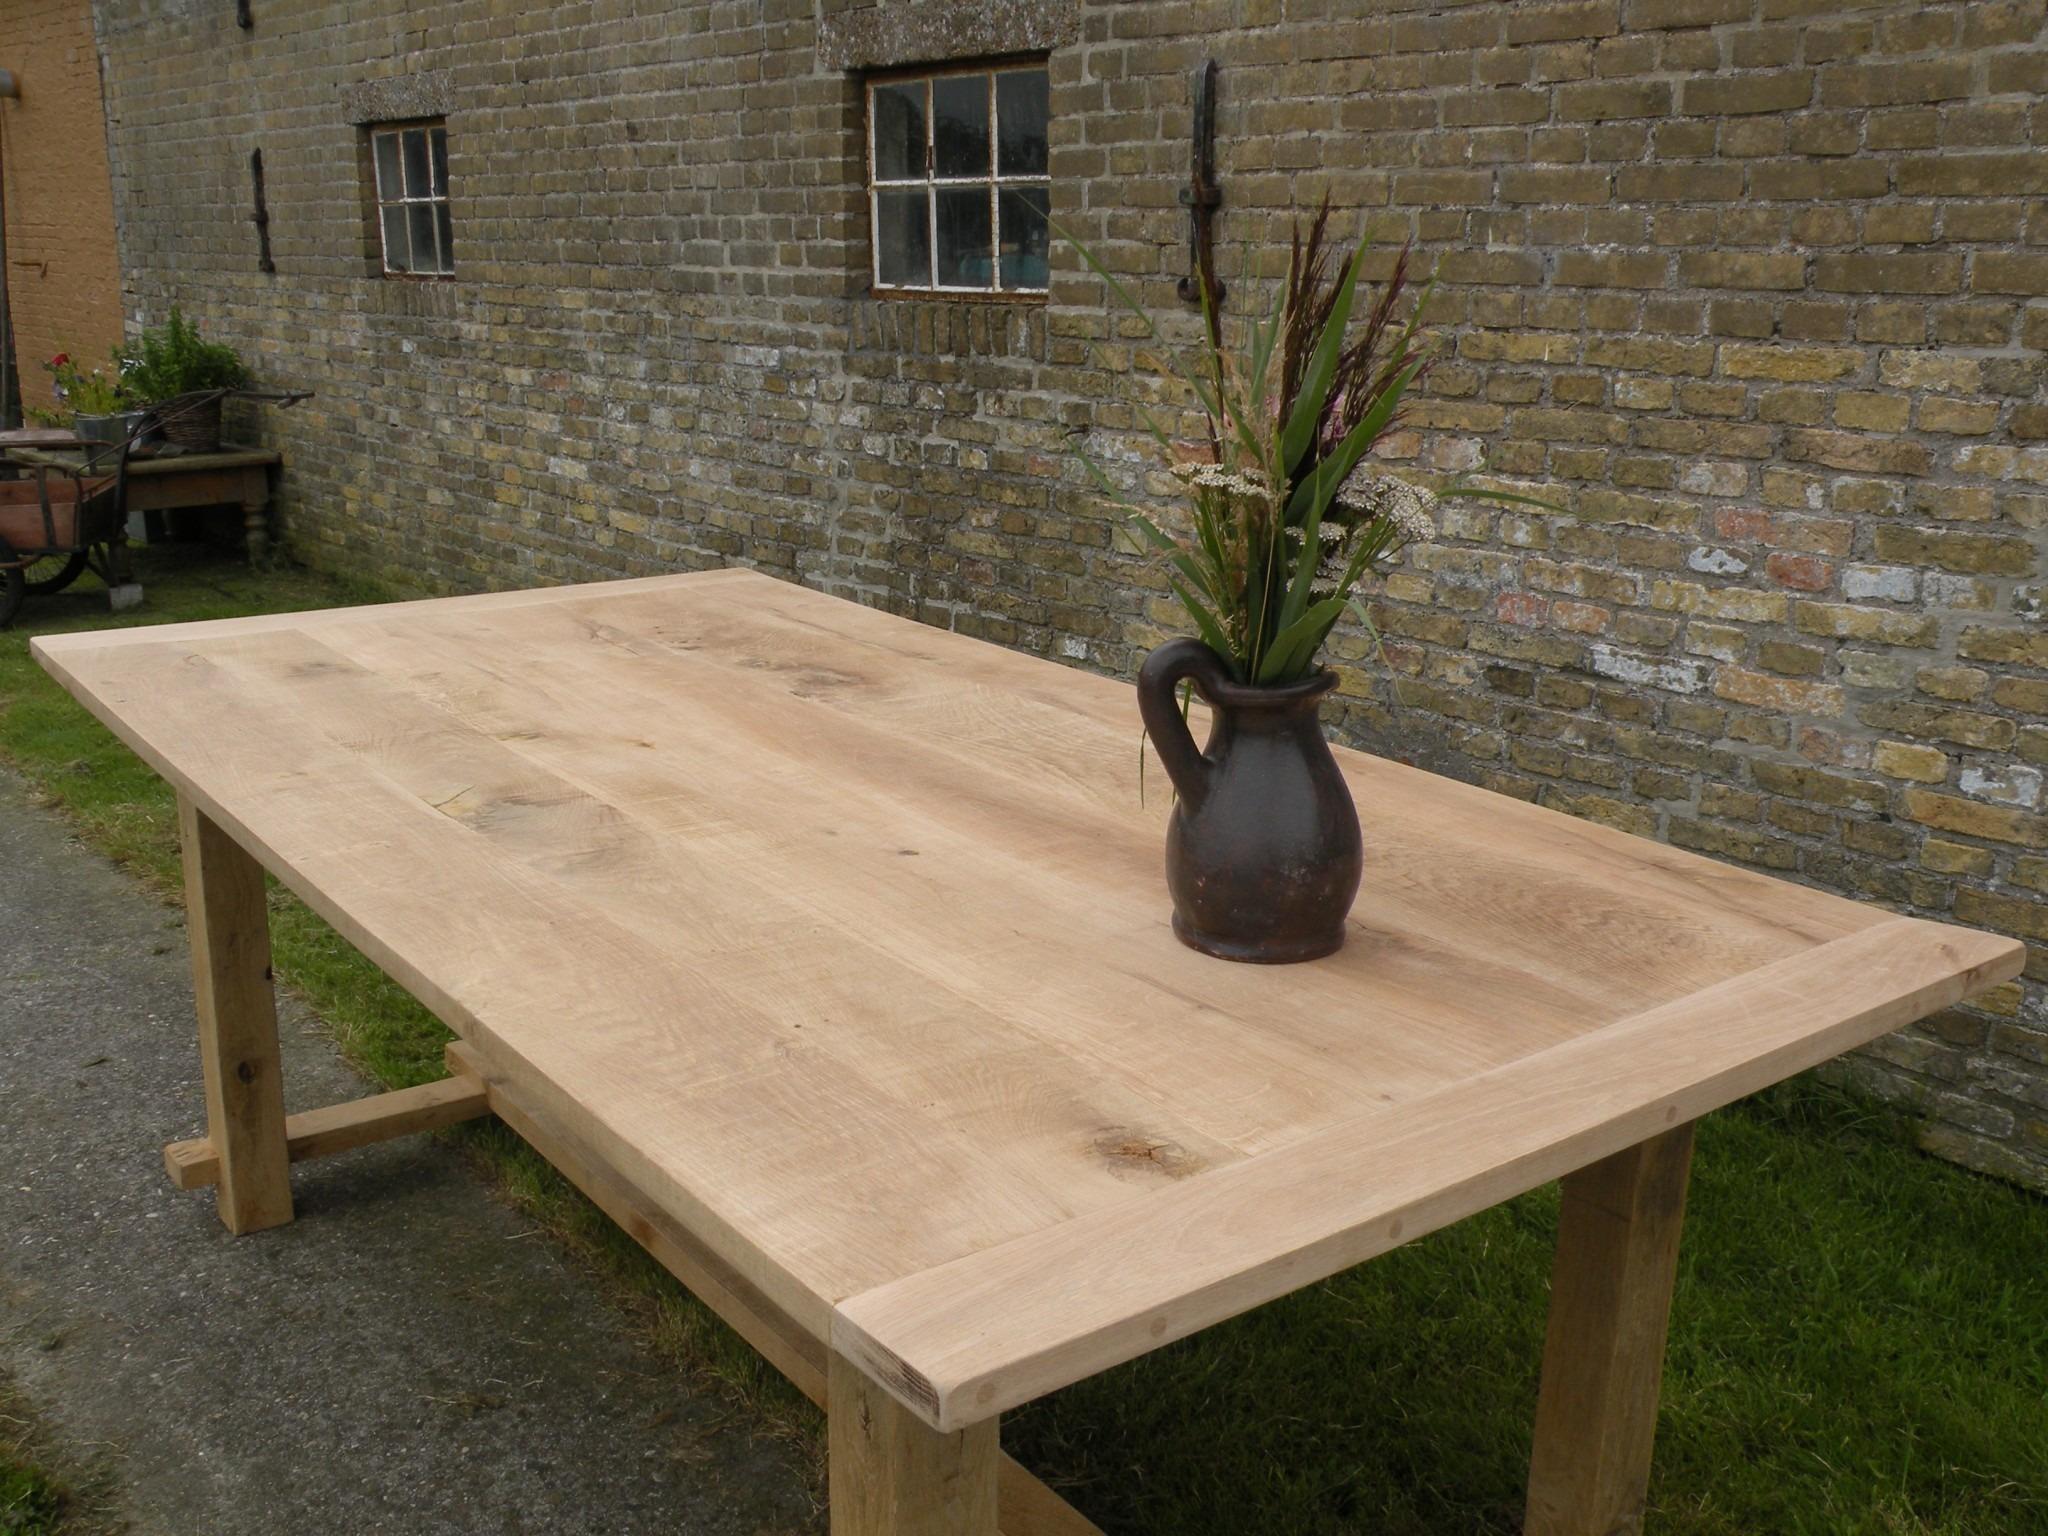 Eiken tafel met of zonder stootrand  u2013 Sietse Ronner  u2013 scheepstimmerwerk, landelijk bouwen en meubels